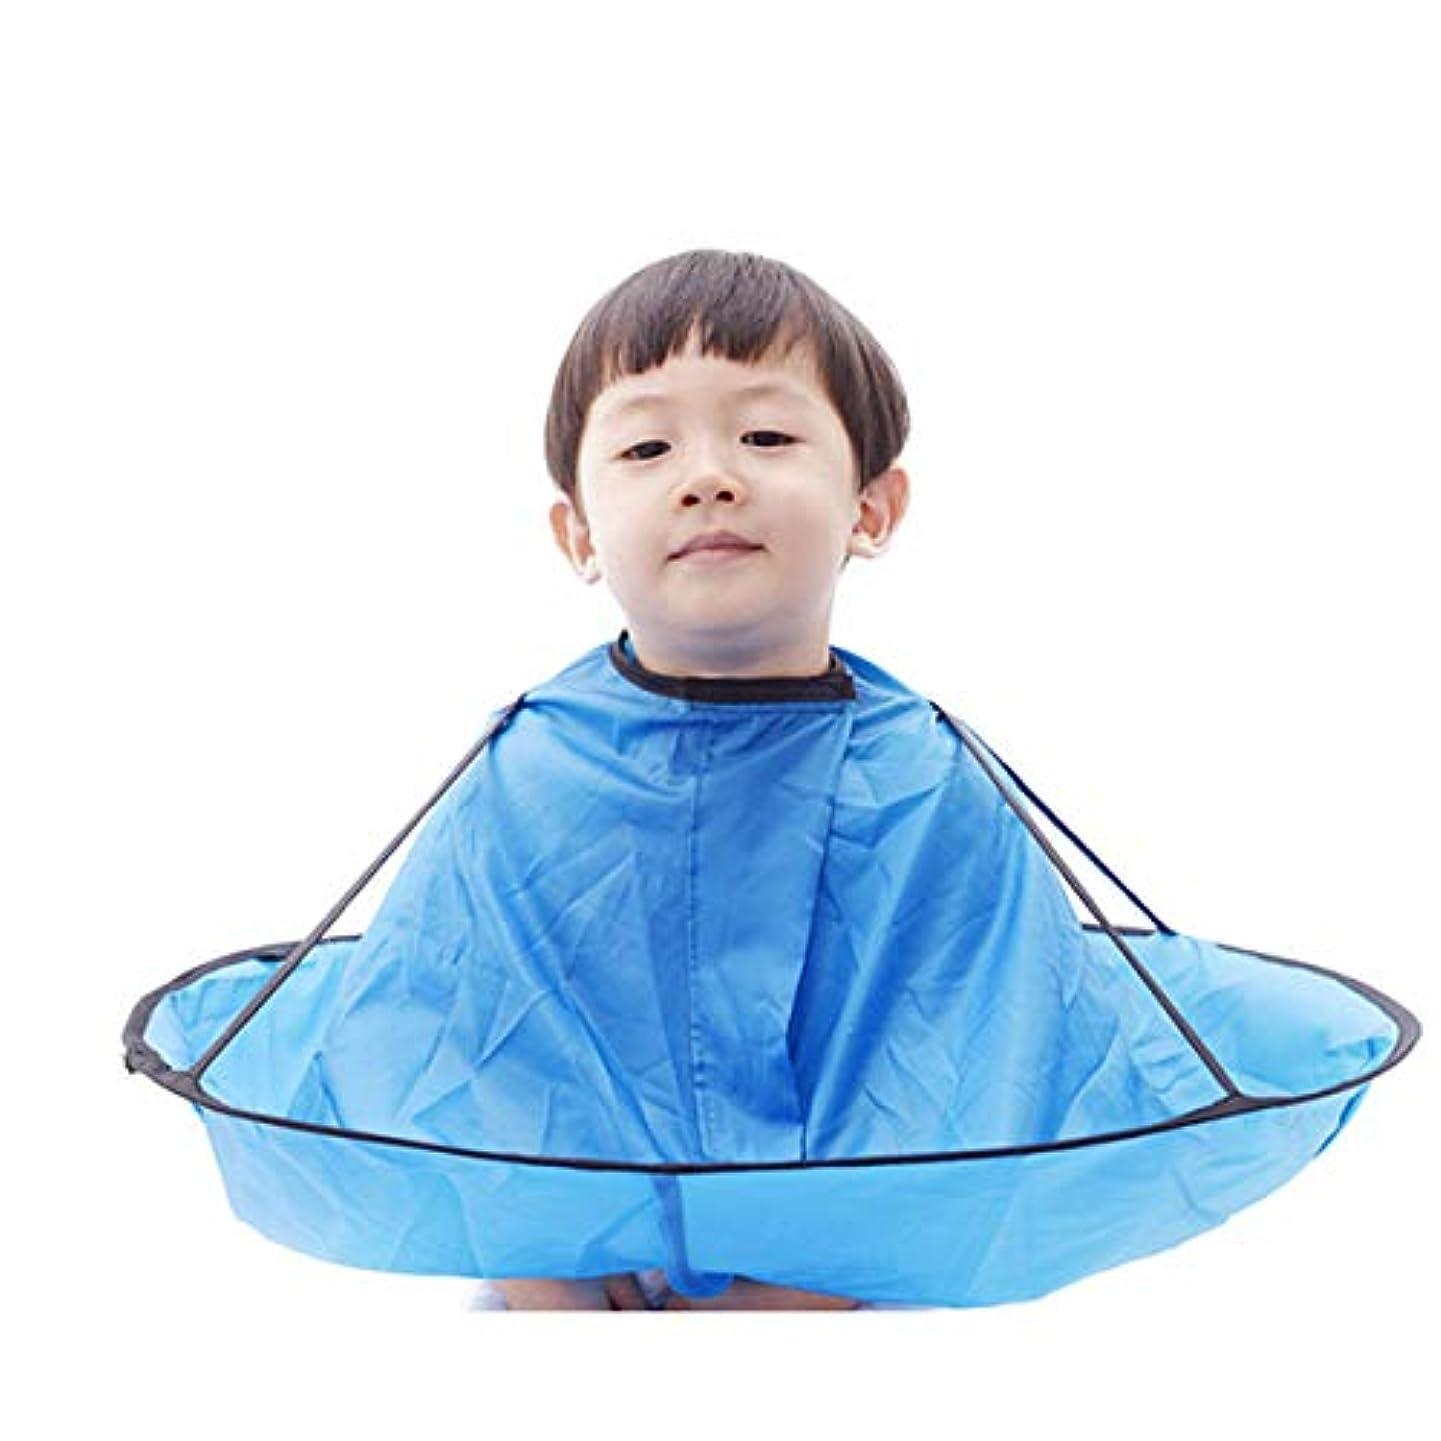 ローブソブリケットグラス子供 散髪ケープ ヘアエプロン 散髪マント 刈布 ケープ 散髪道具 防水 (青)